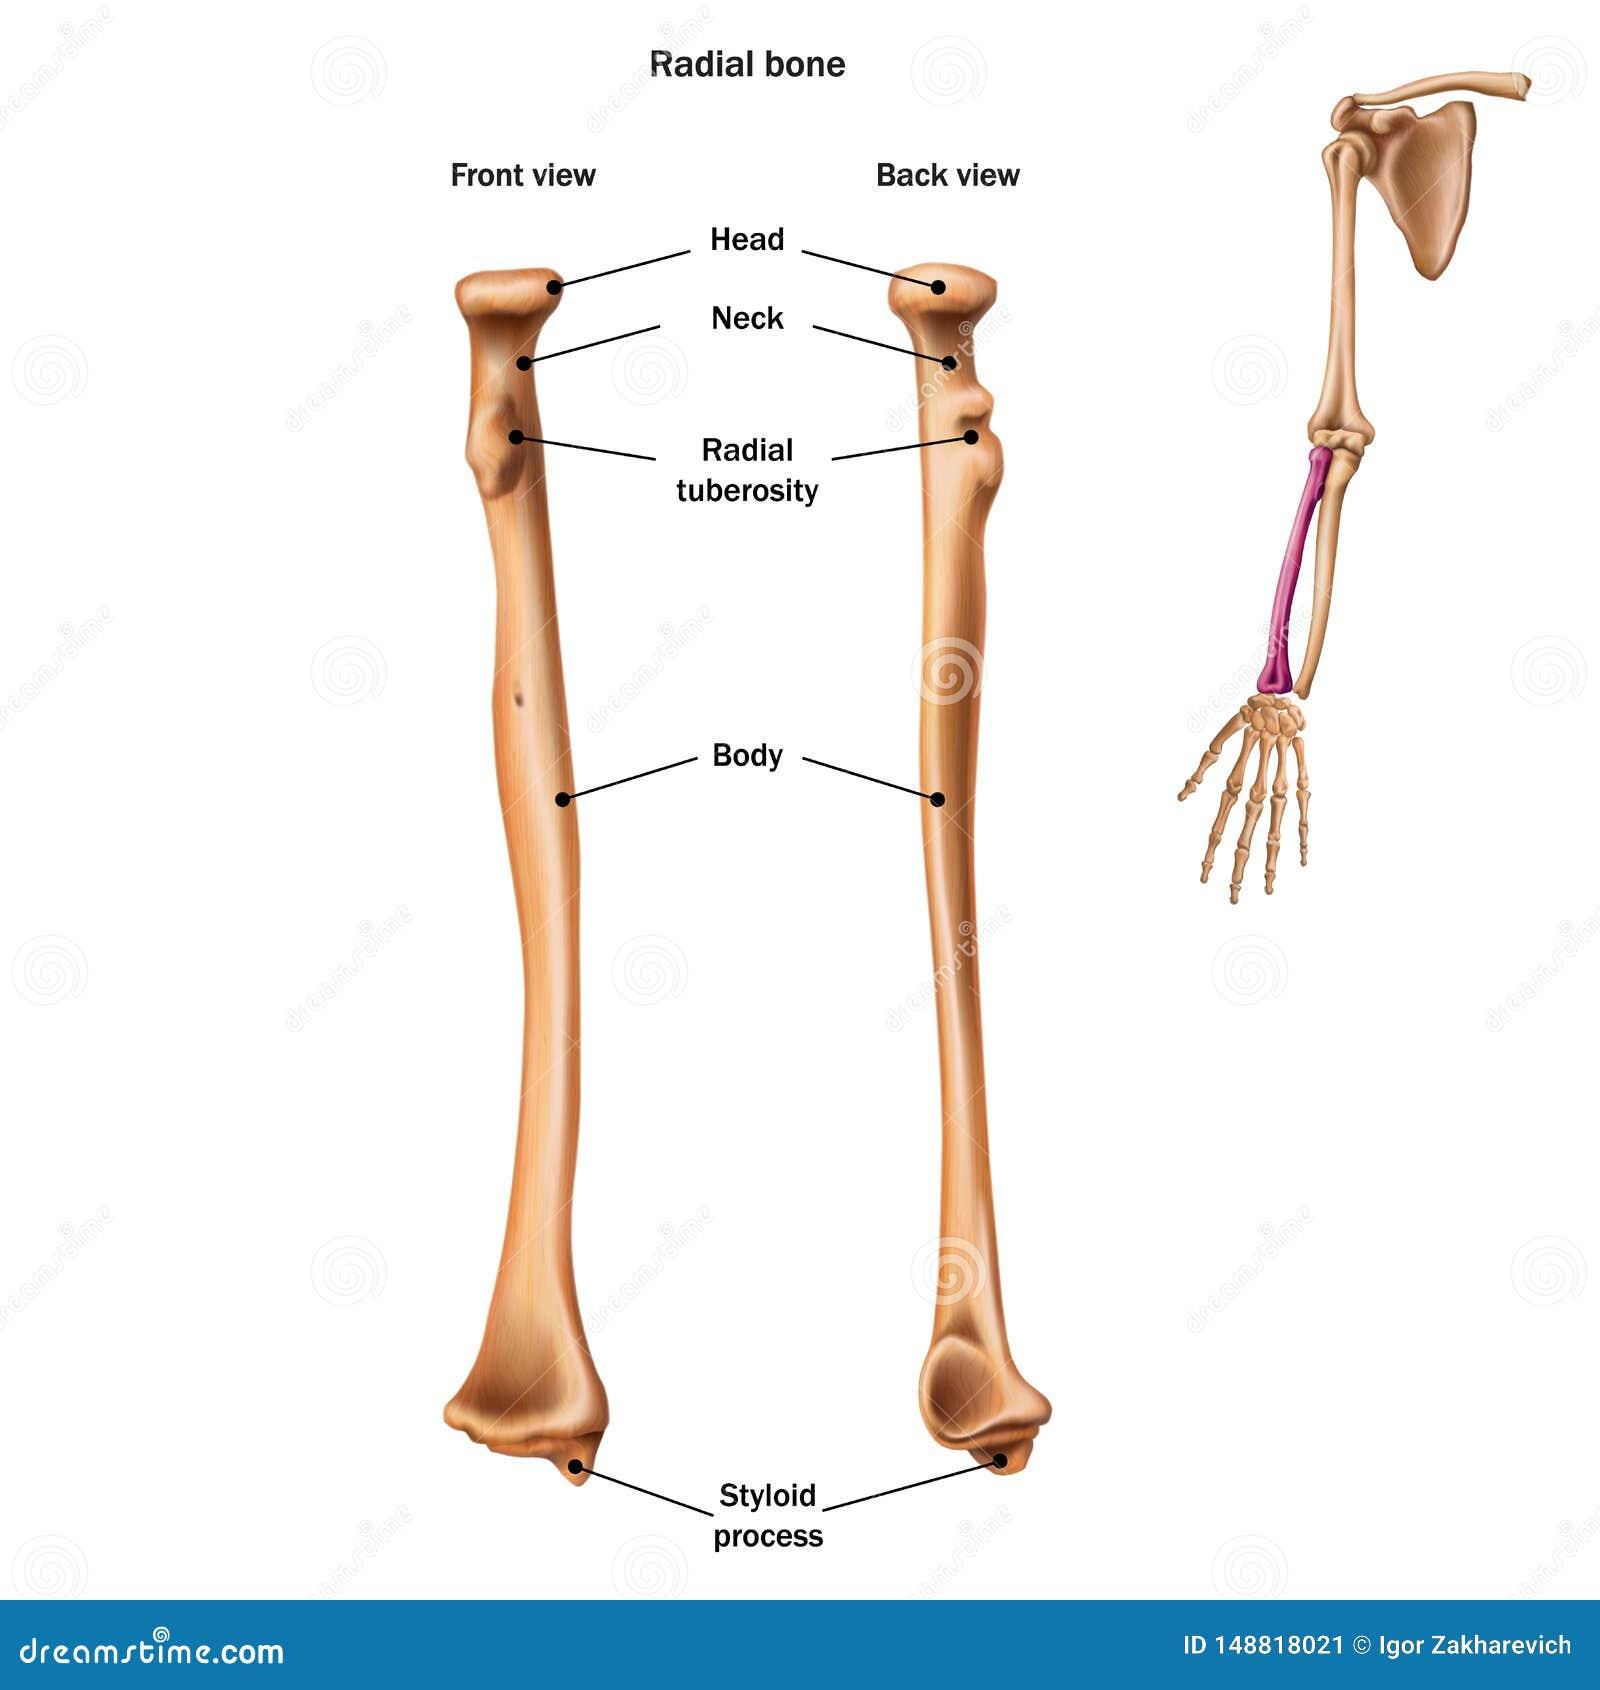 De structuur van het radiale been met de naam en de beschrijving van alle plaatsen Achter en vooraanzicht